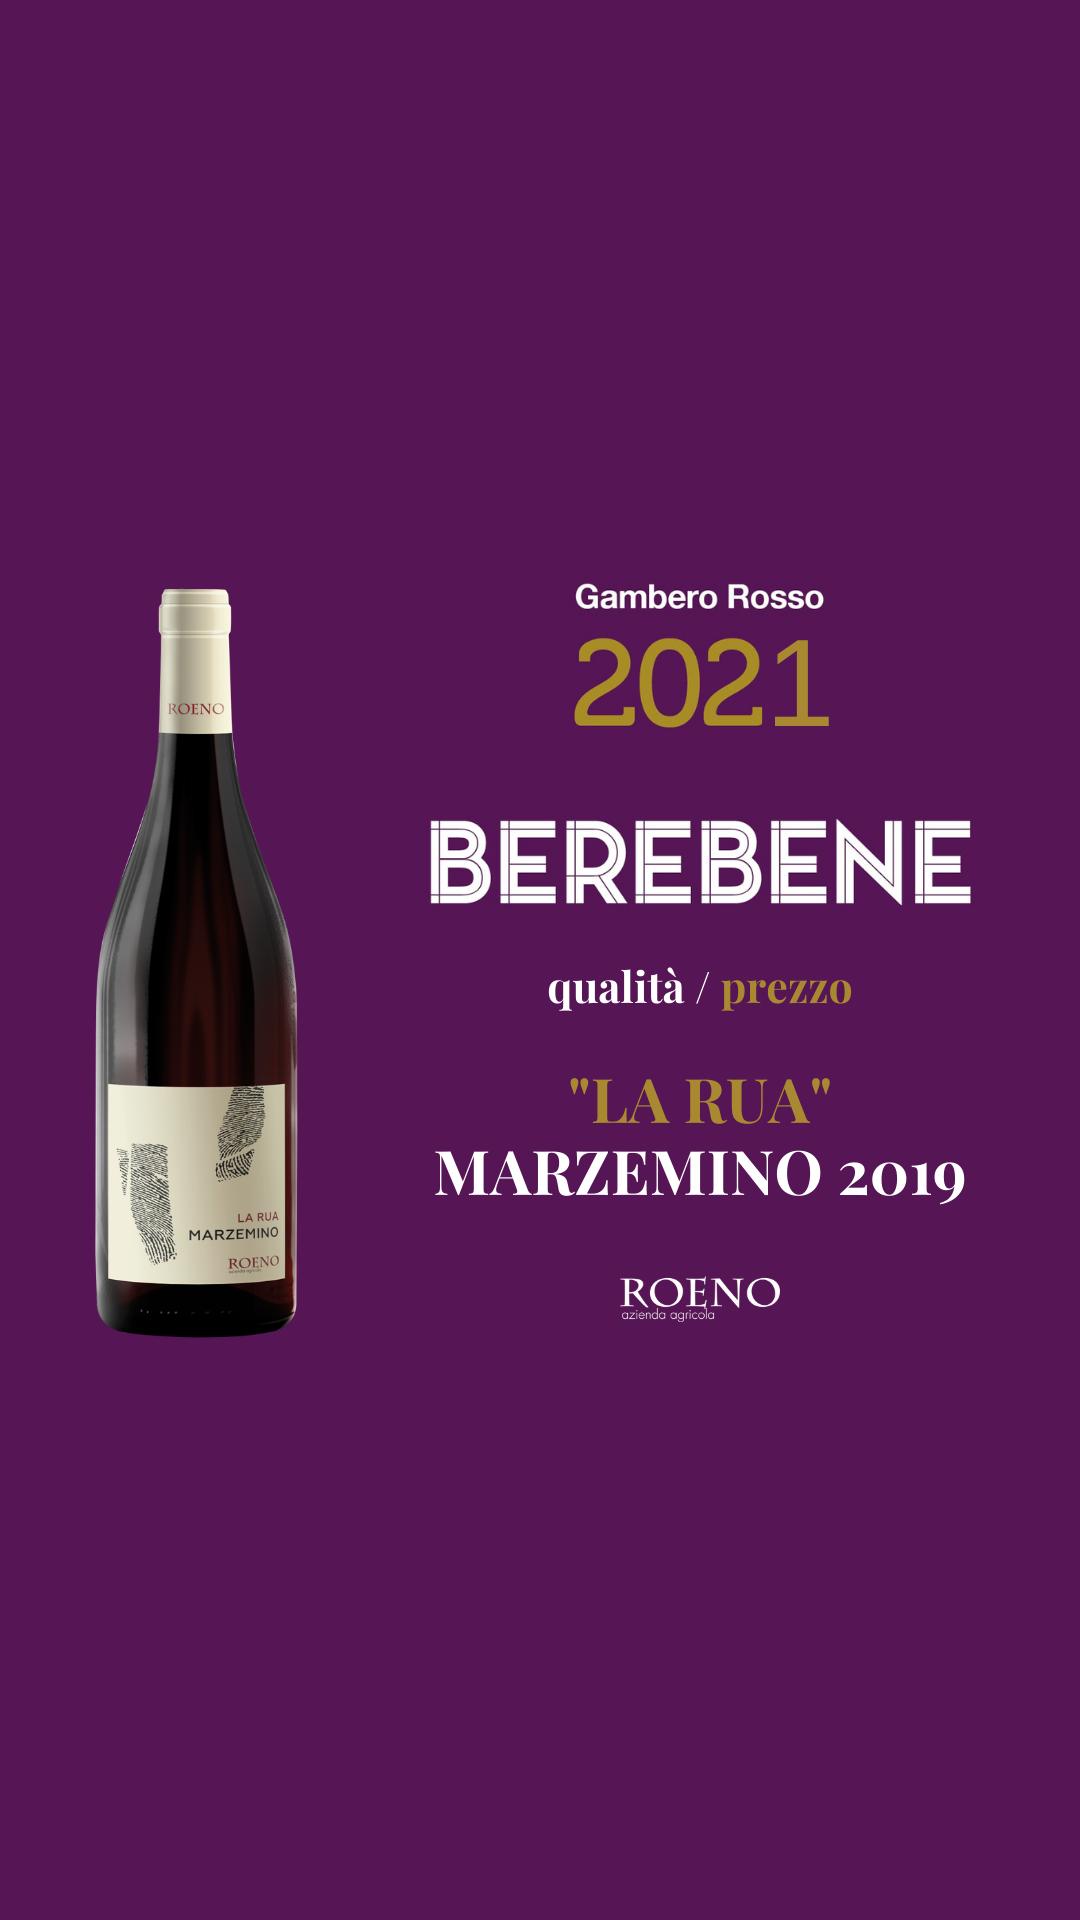 BereBene 2021 – Gambero Rosso